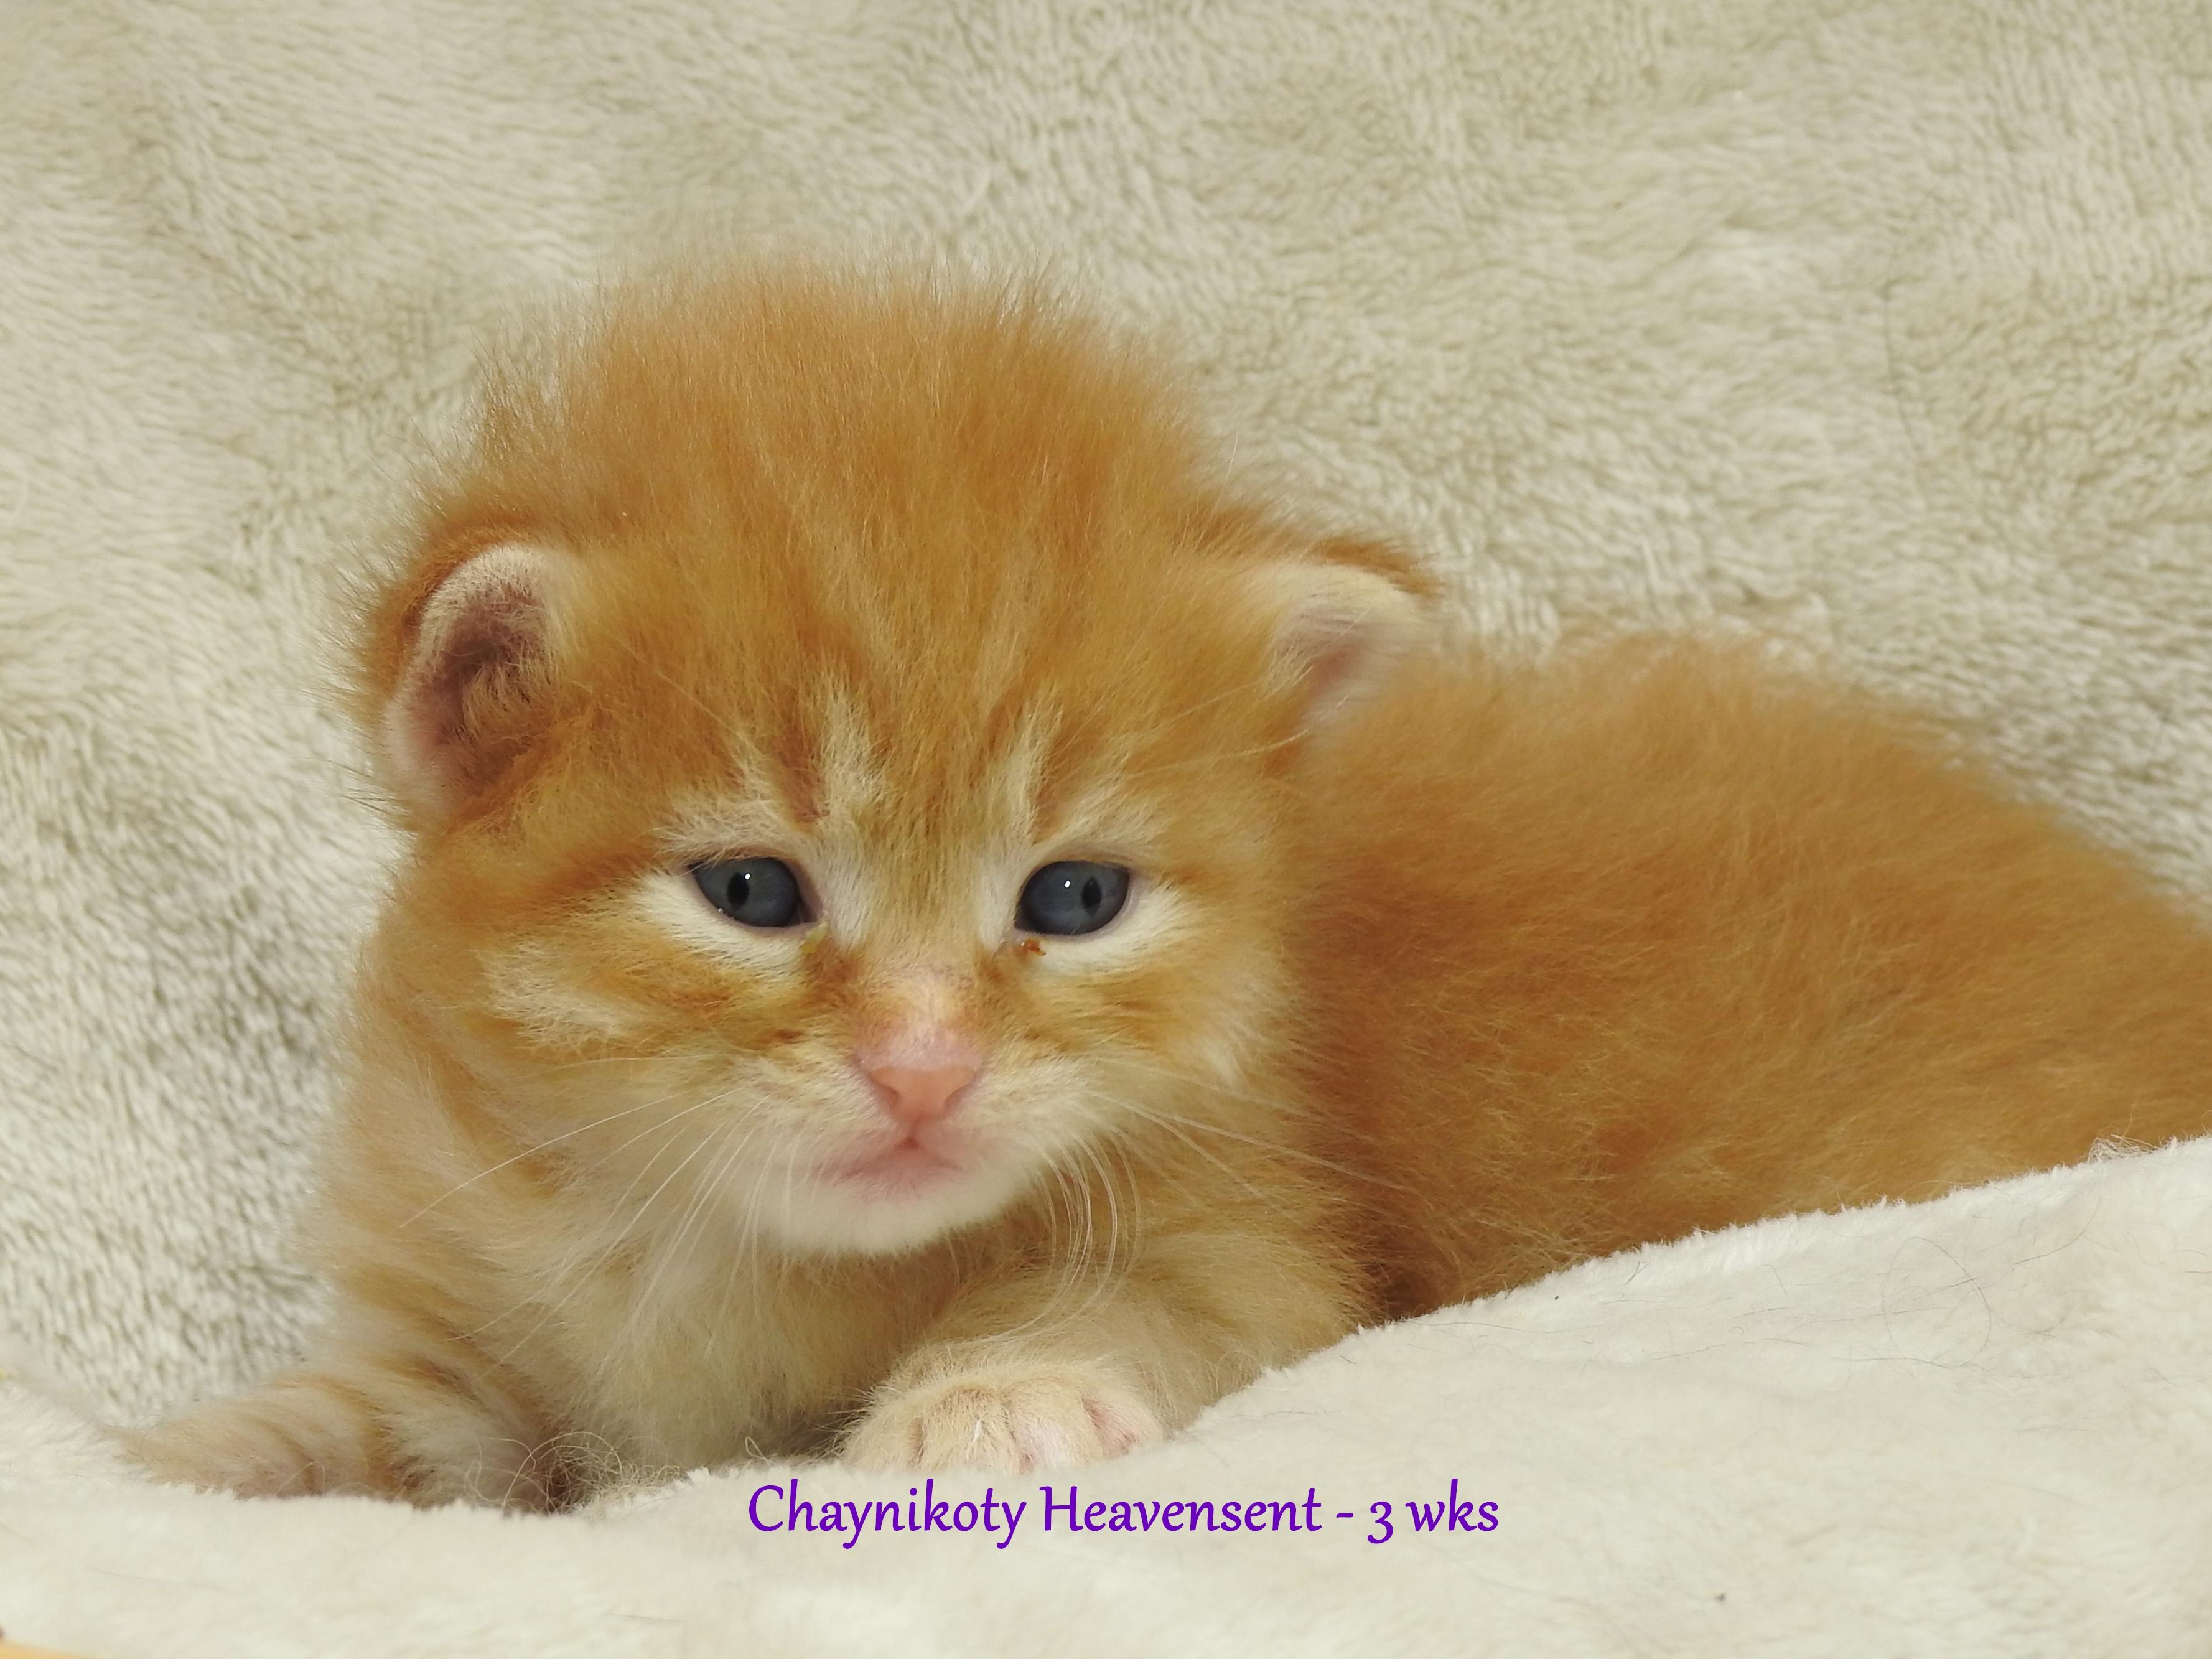 Chaynikoty Heavensent - 3 wks